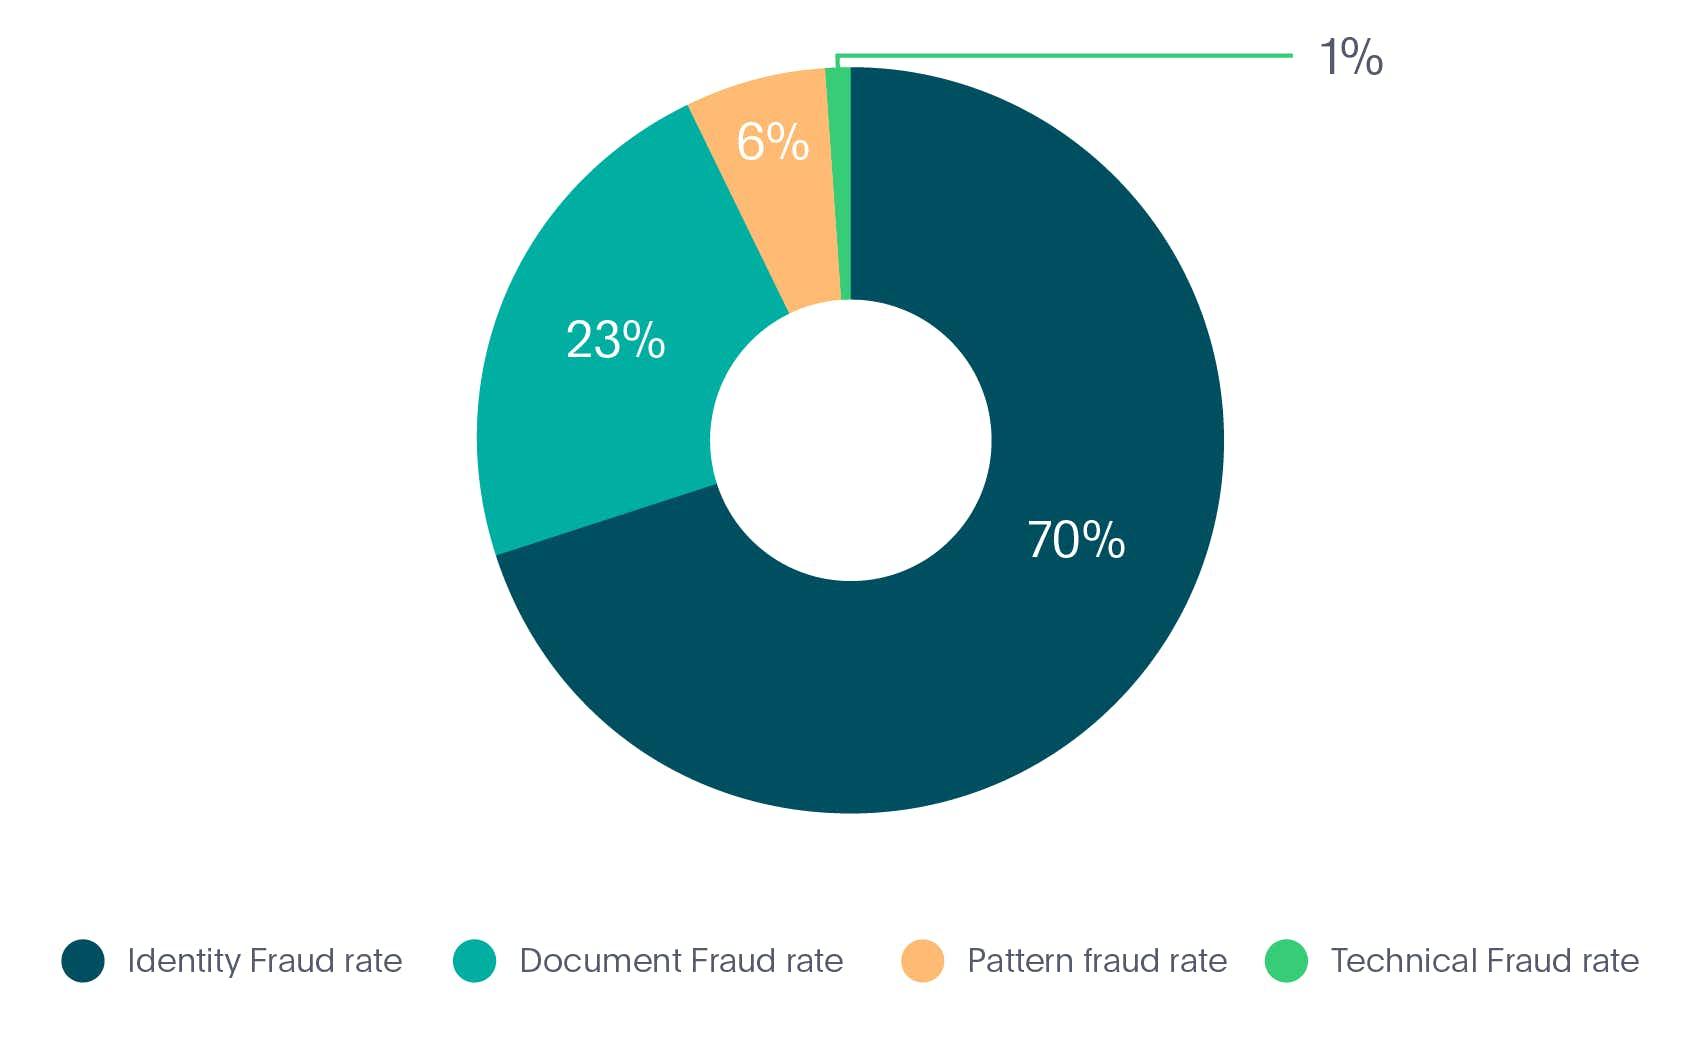 Identity fraud types in Fintech industry in 2020